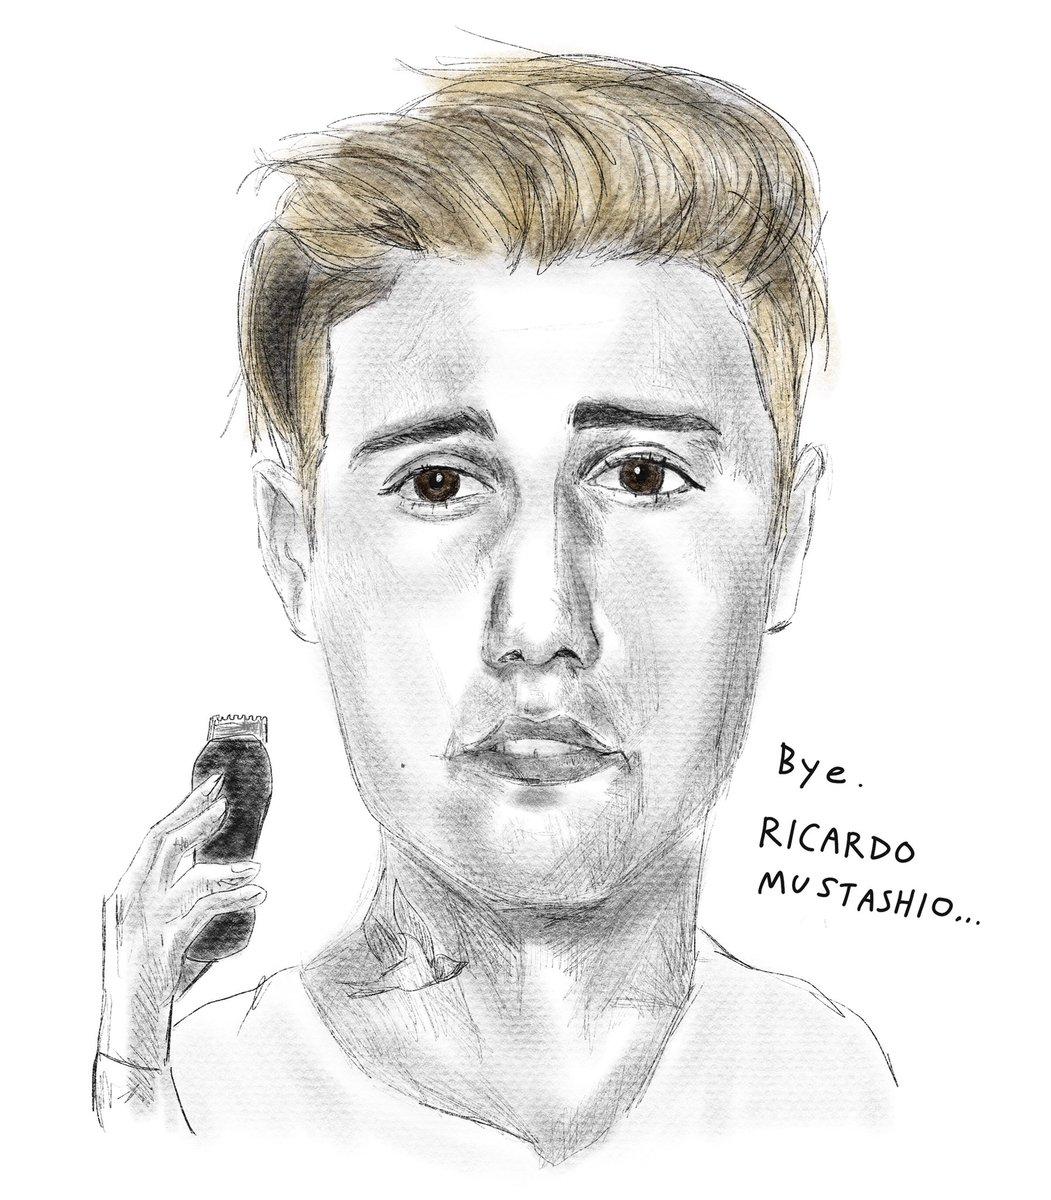 今日のニュースな似顔絵 ジャスティン・ビーバー、 悪評だった口ヒゲをついに剃る  #justinbieber #ricardo #mustashio #portraits #似顔絵